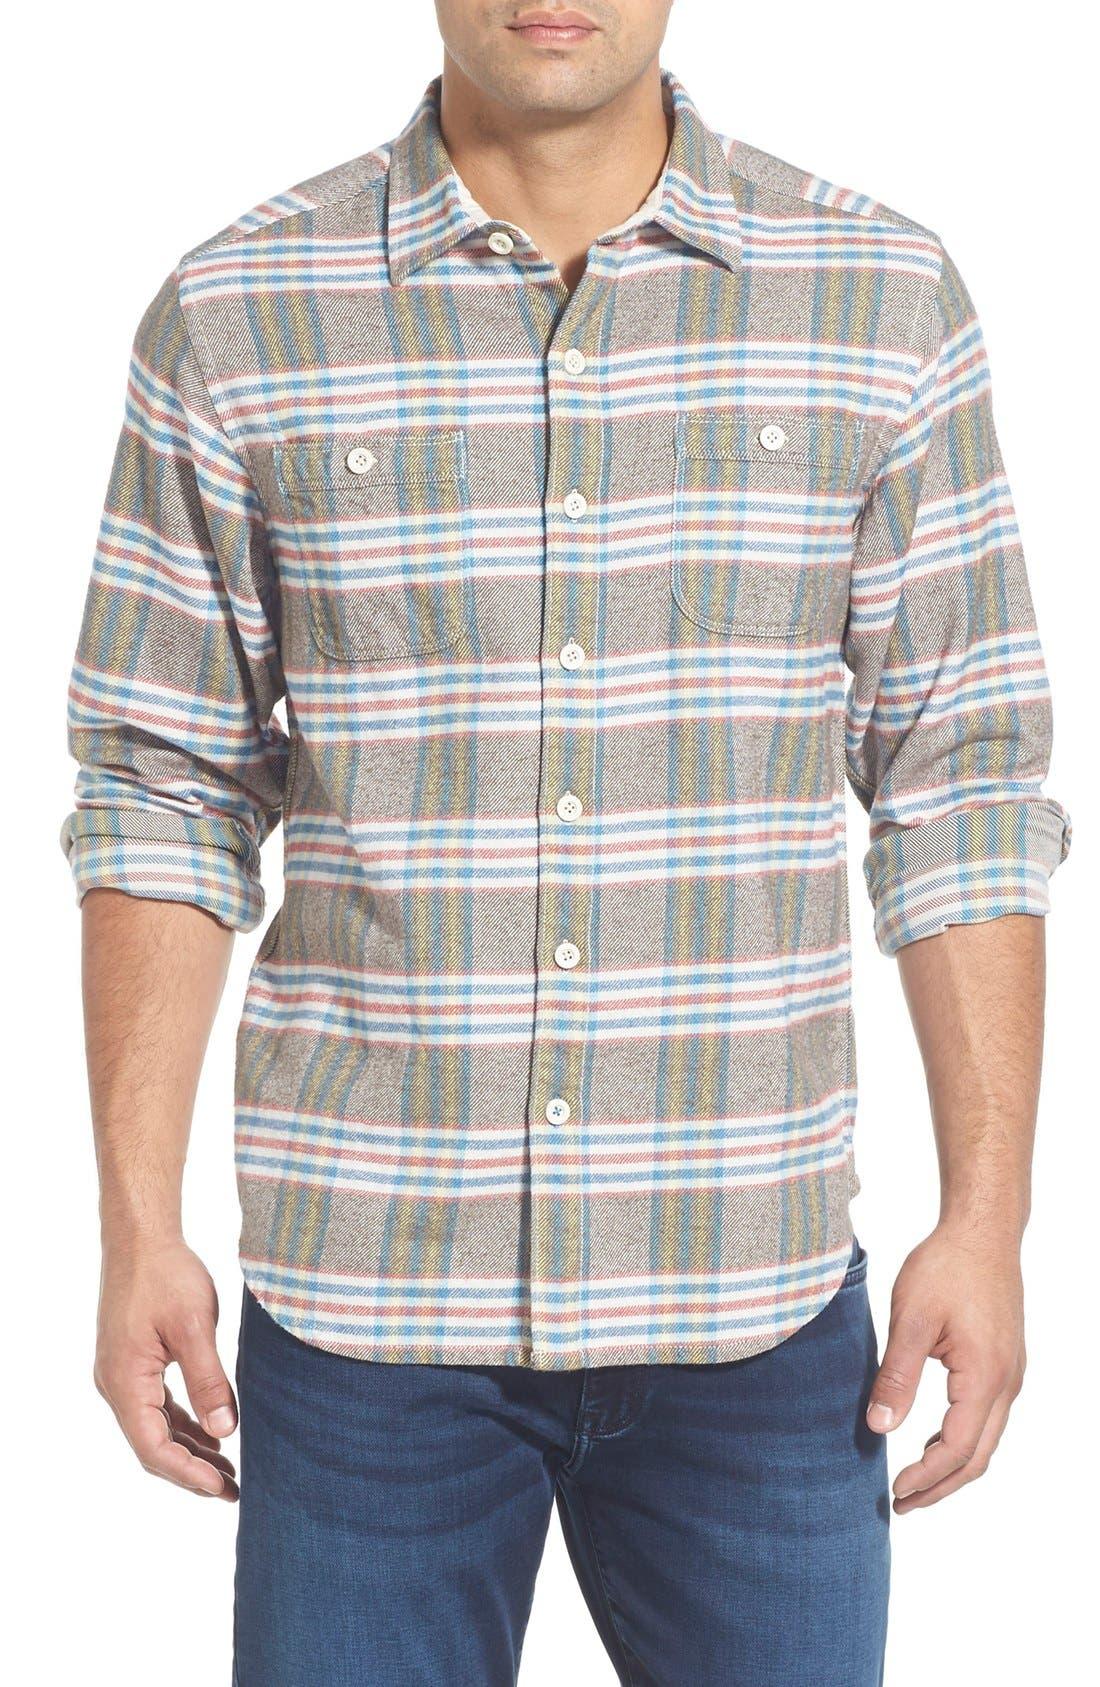 'Flannel Time' Original FitPlaid Flannel Shirt, Main, color, 200